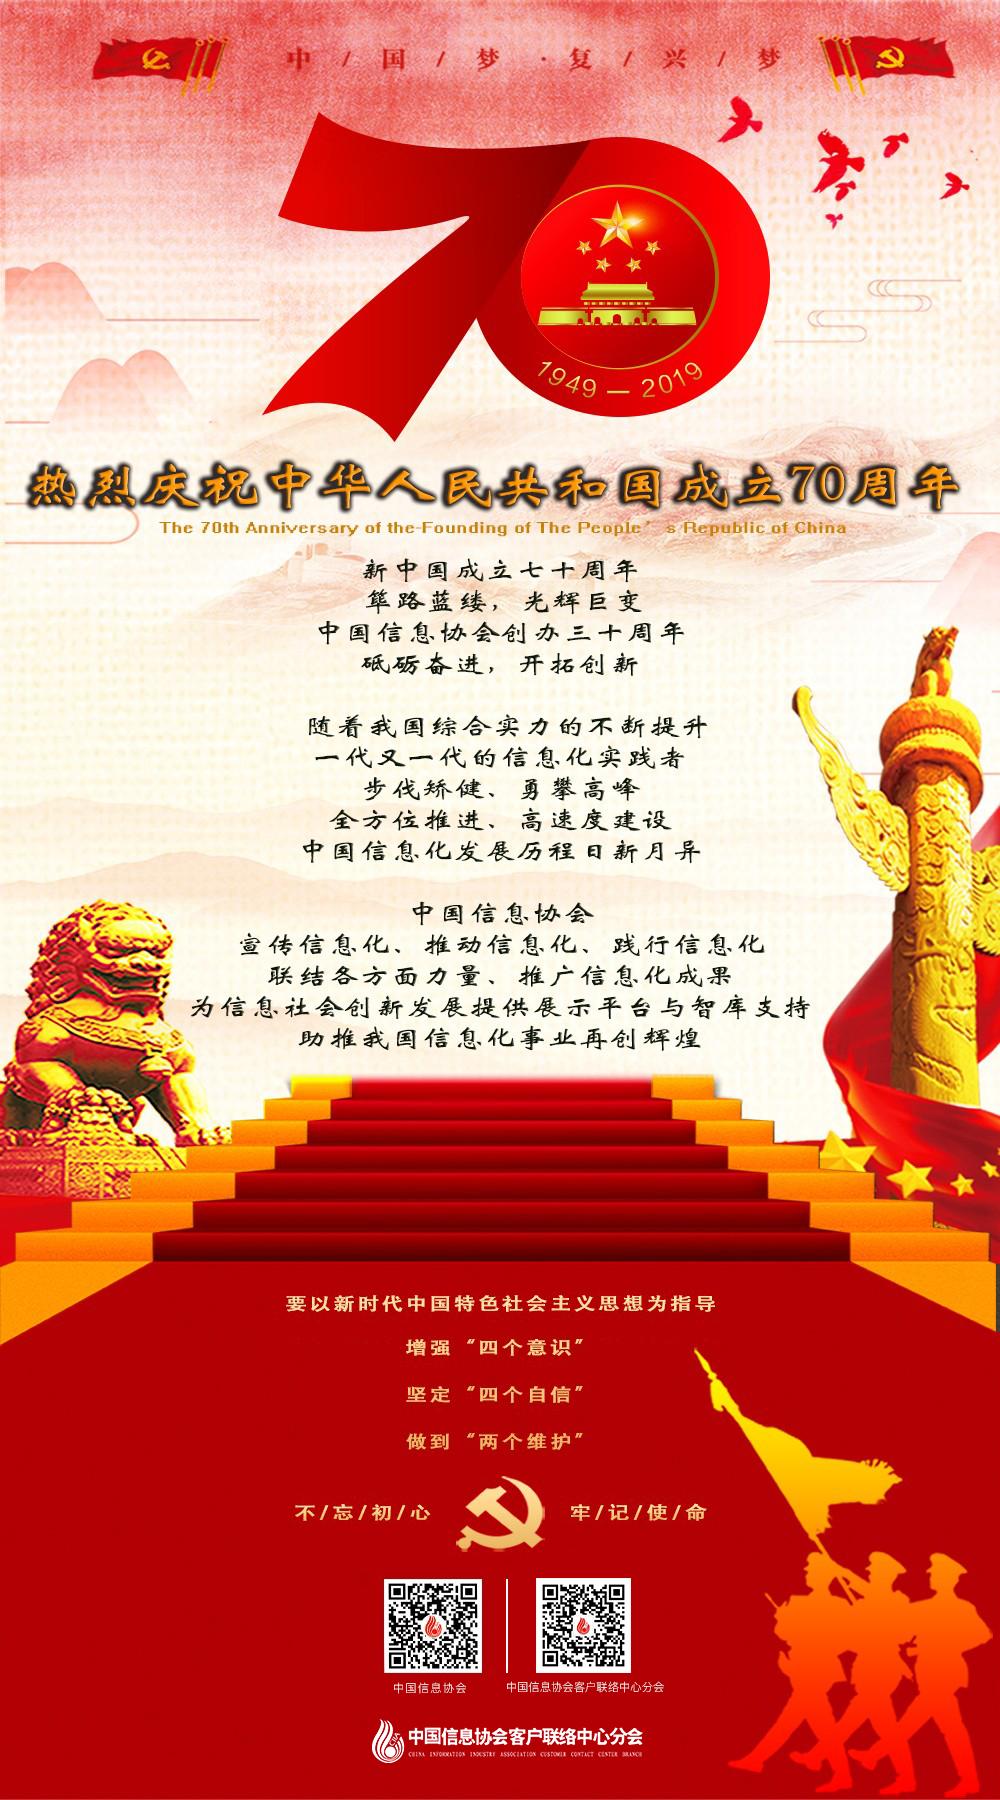 中国信息协会客户联络